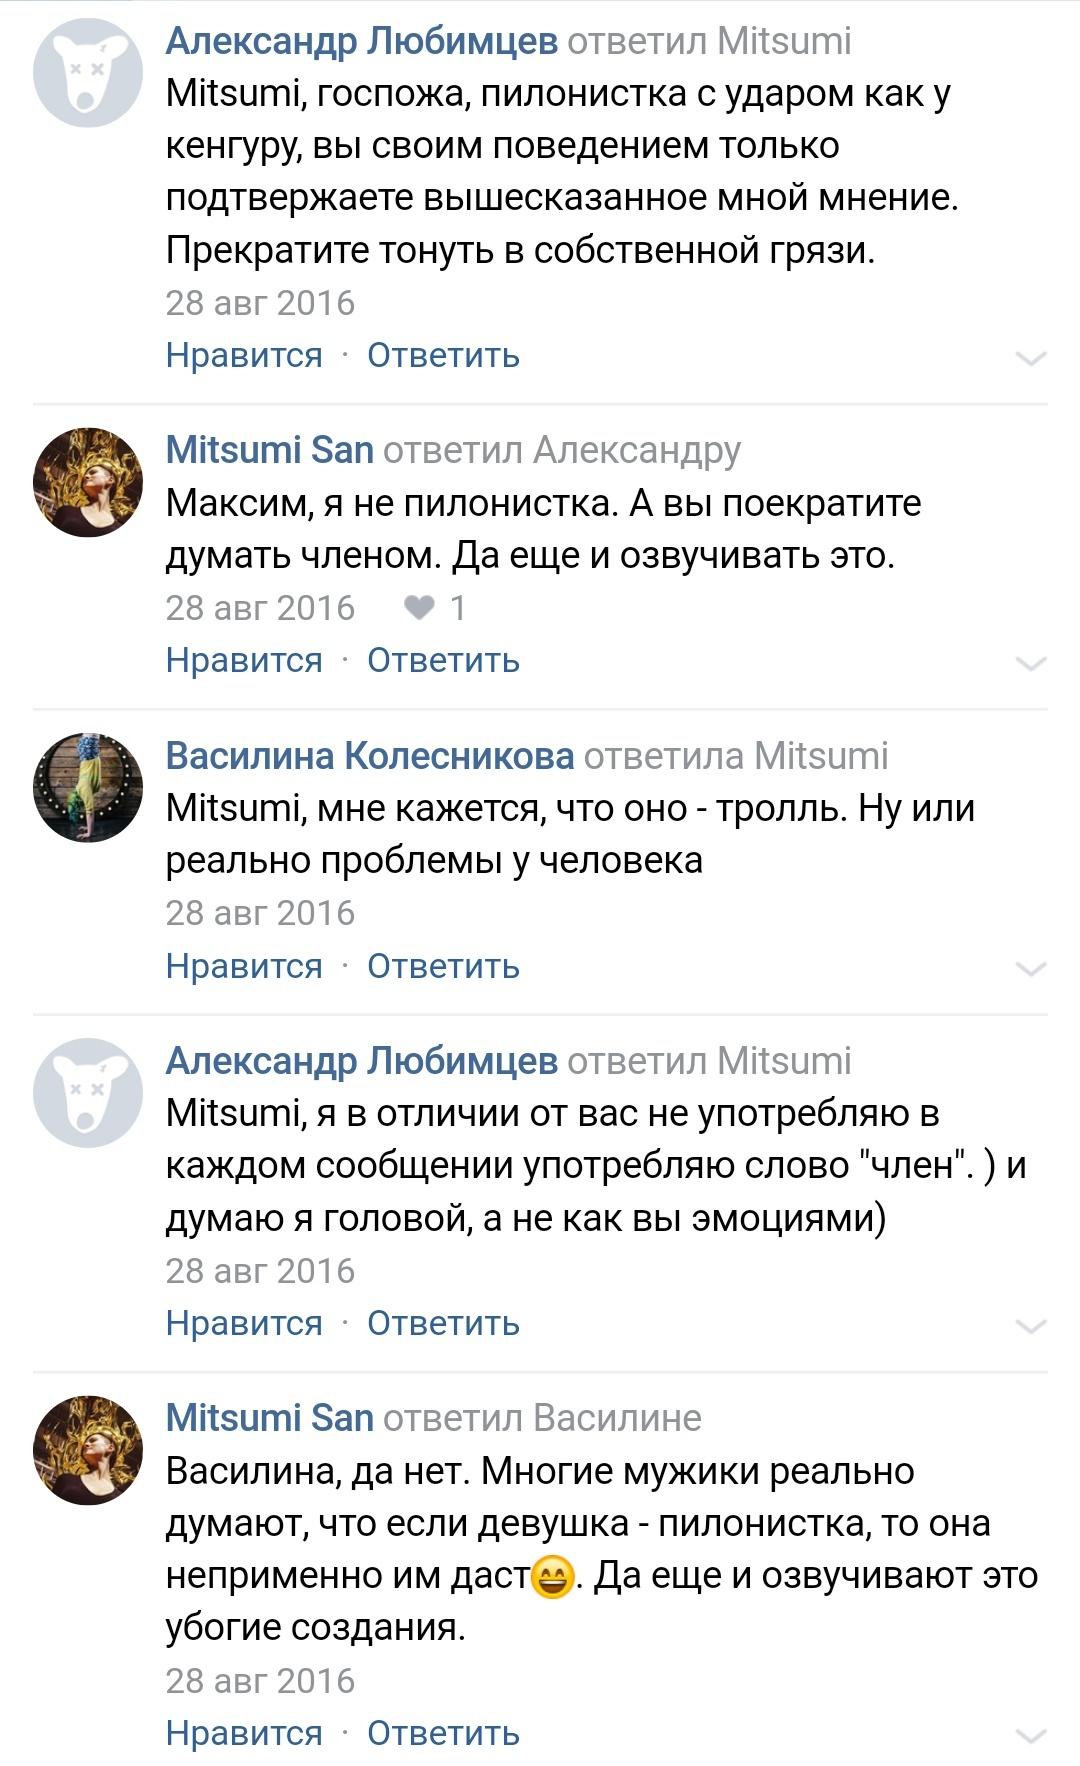 vot-tak-chlenishe-seks-s-telkoy-v-mentovskoy-forme